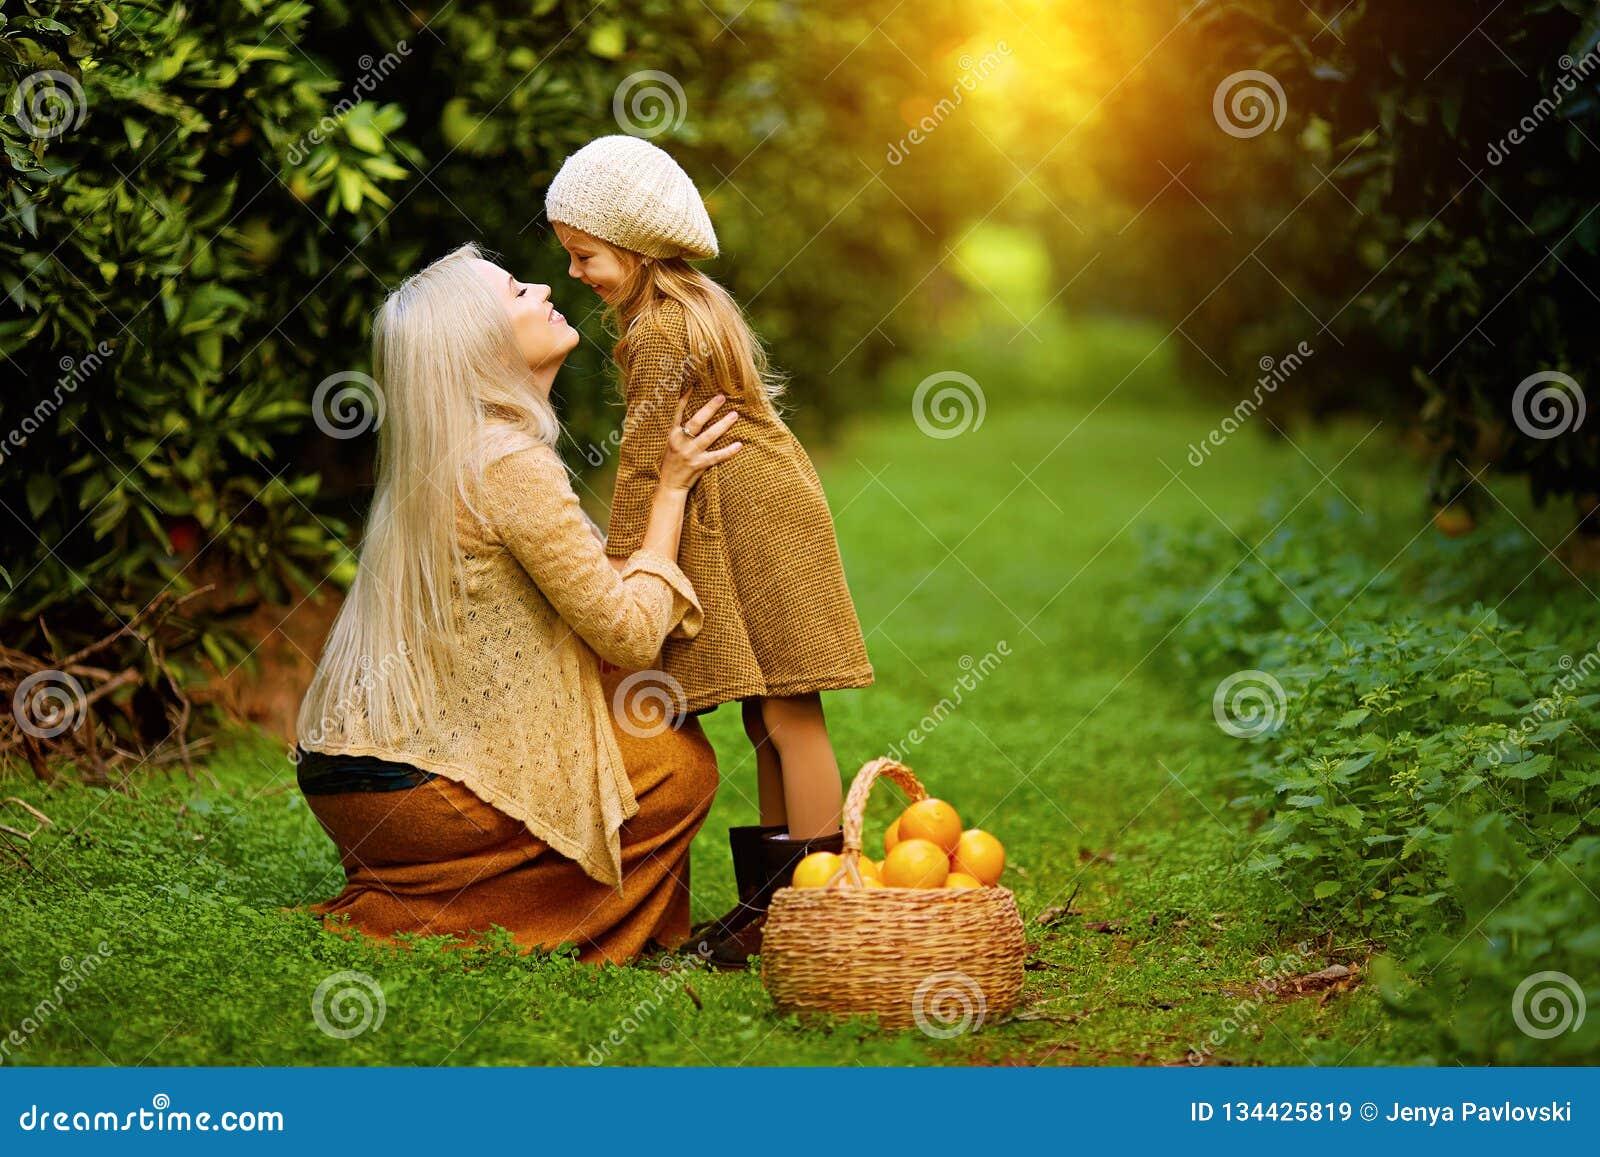 Счастливая женщина с дочерью в солнечном саде